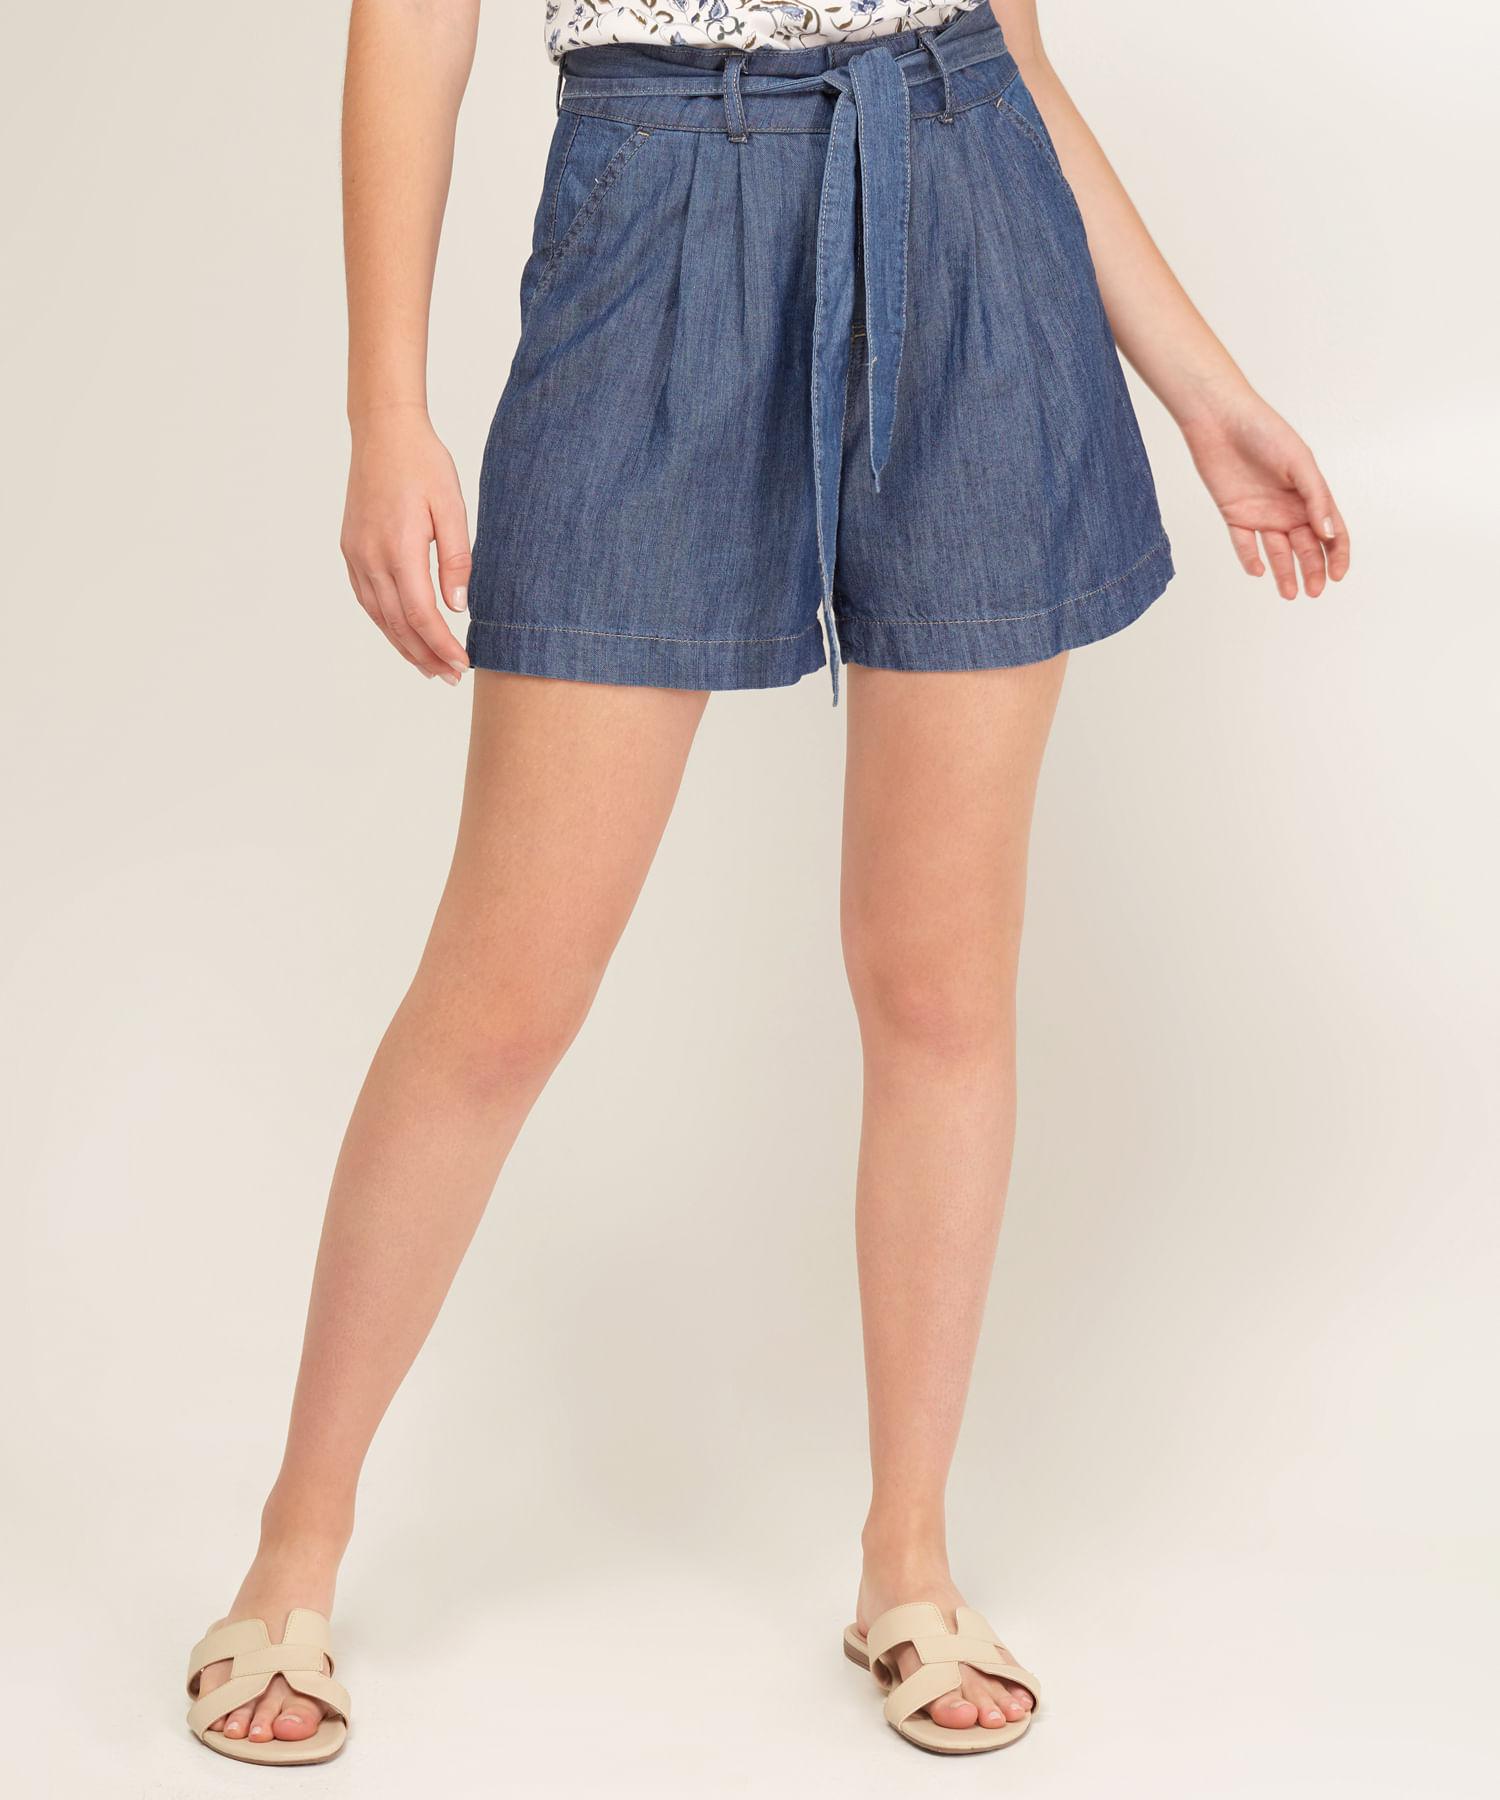 9b120471 Short Para Mujer Con Cinturón En Denim Color Azul 30190028 - Patprimo